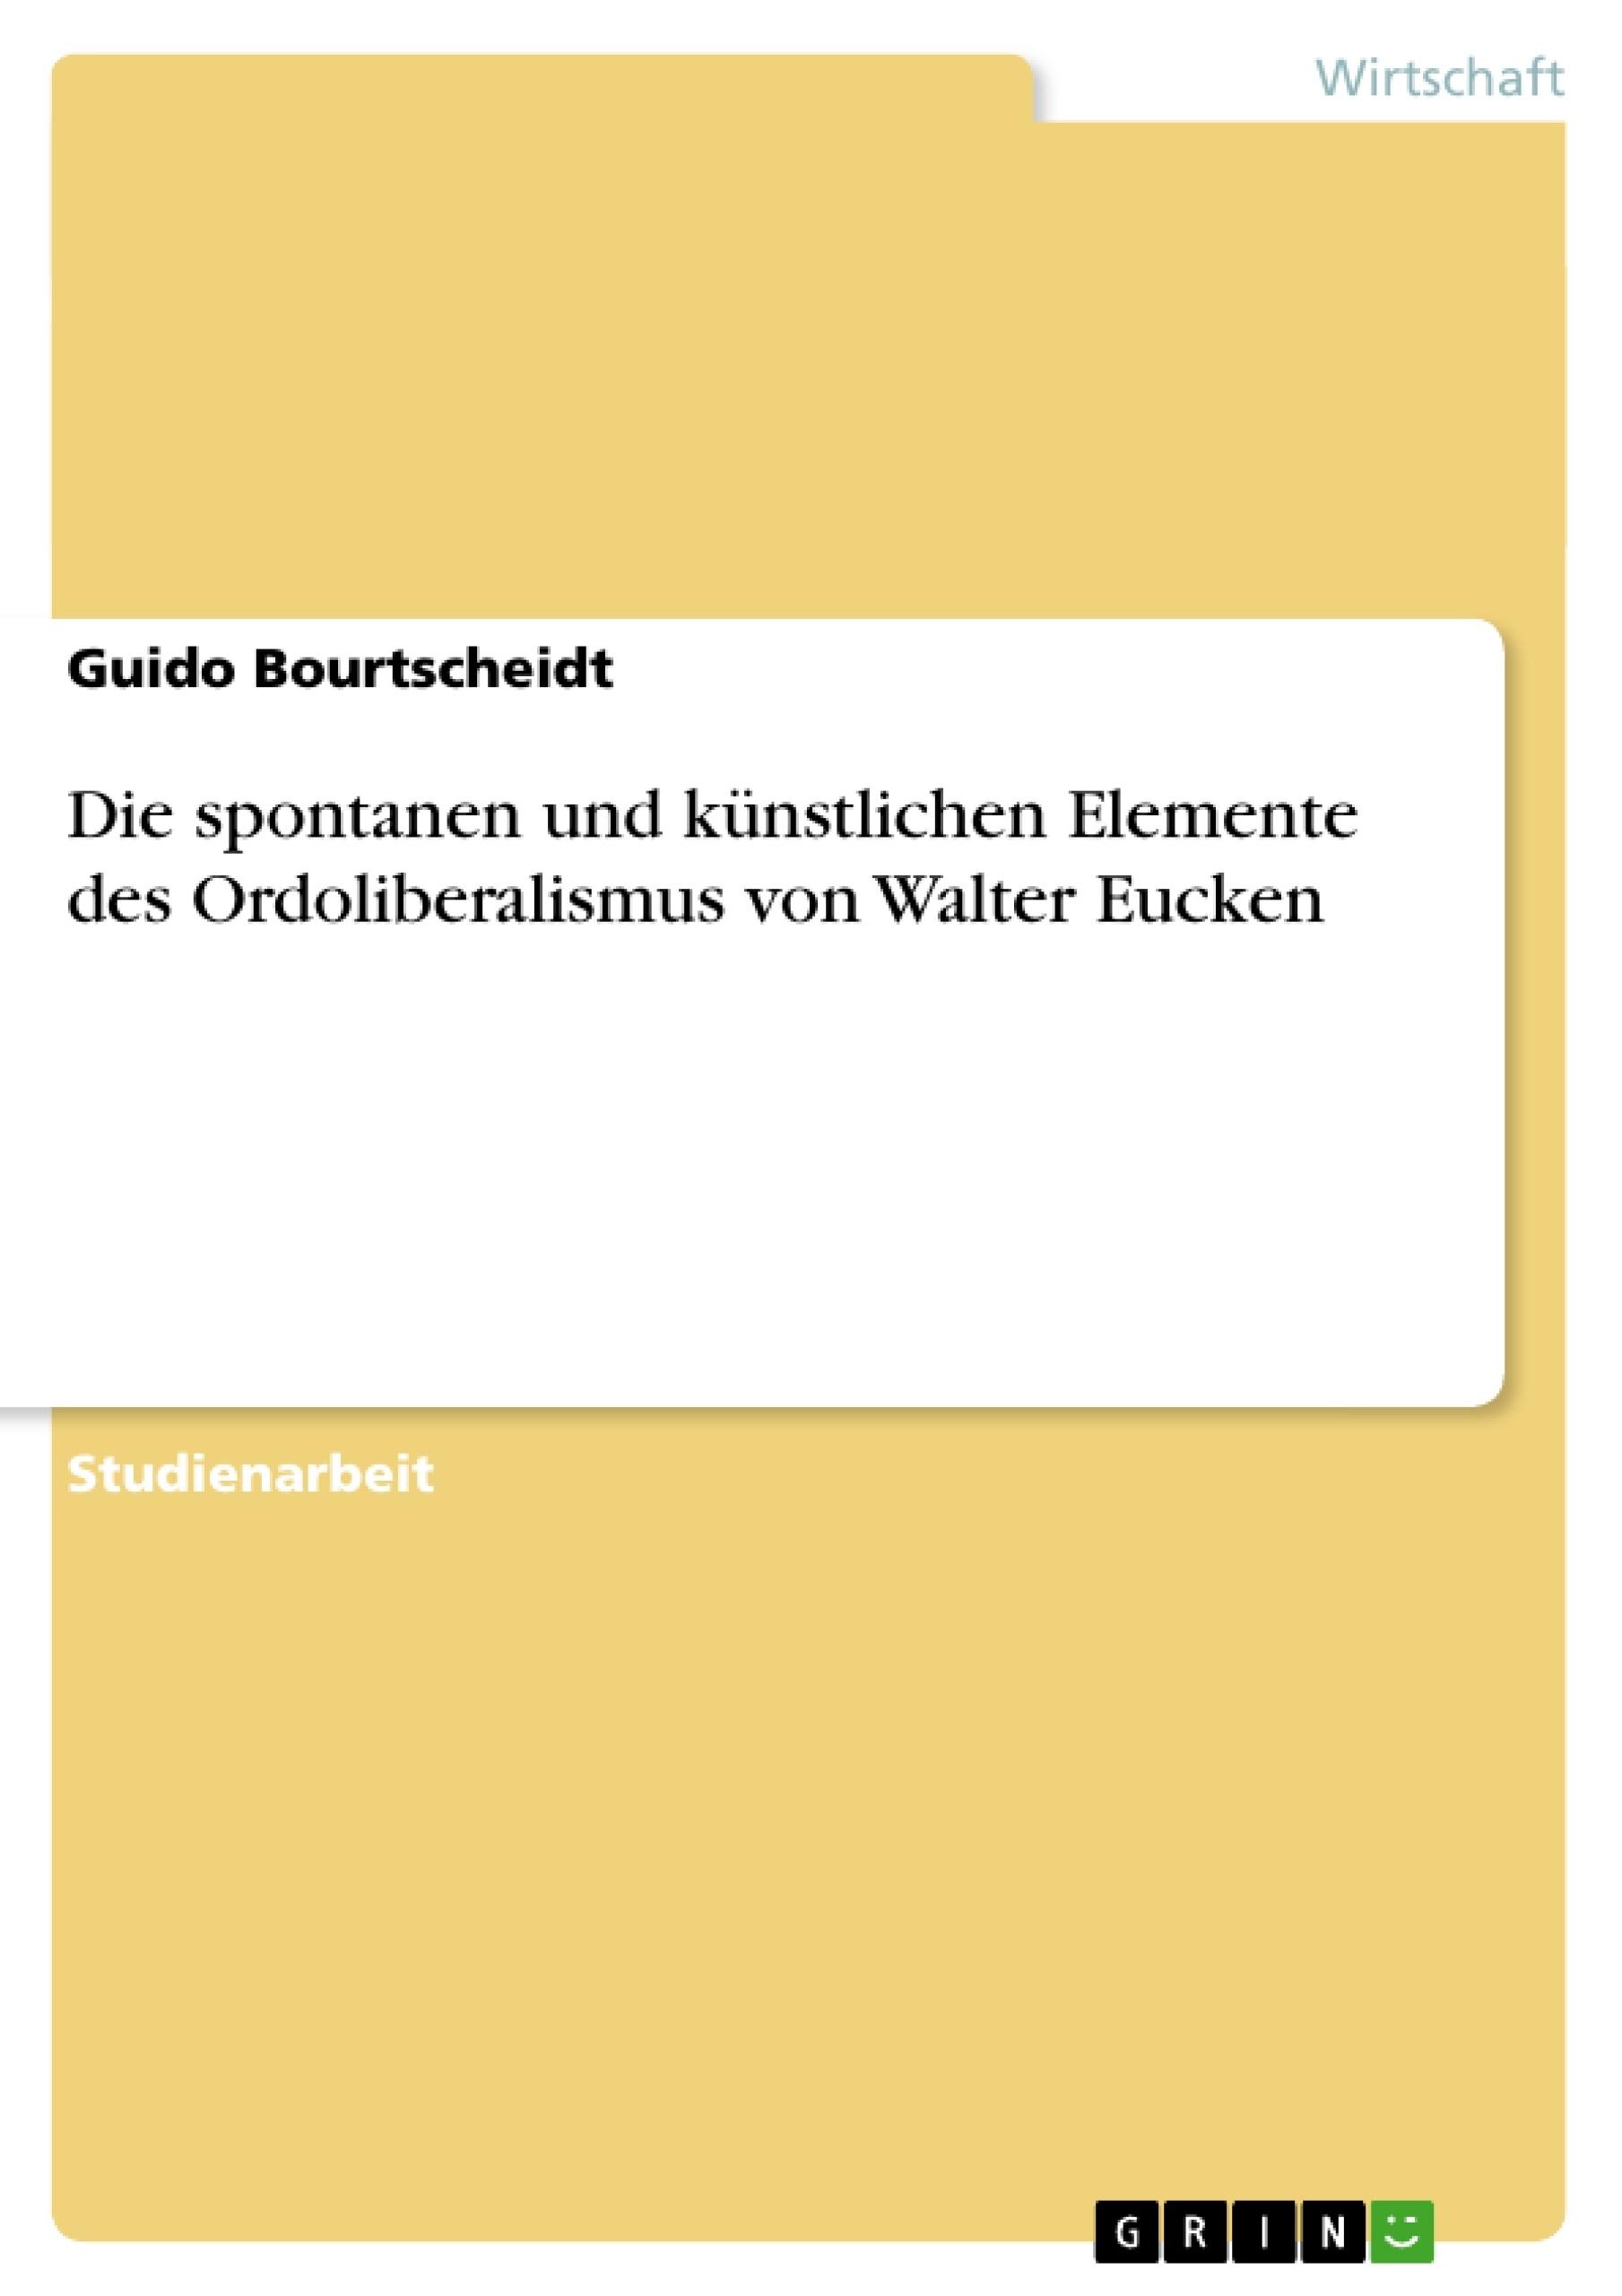 Titel: Die spontanen und künstlichen Elemente des Ordoliberalismus von Walter Eucken